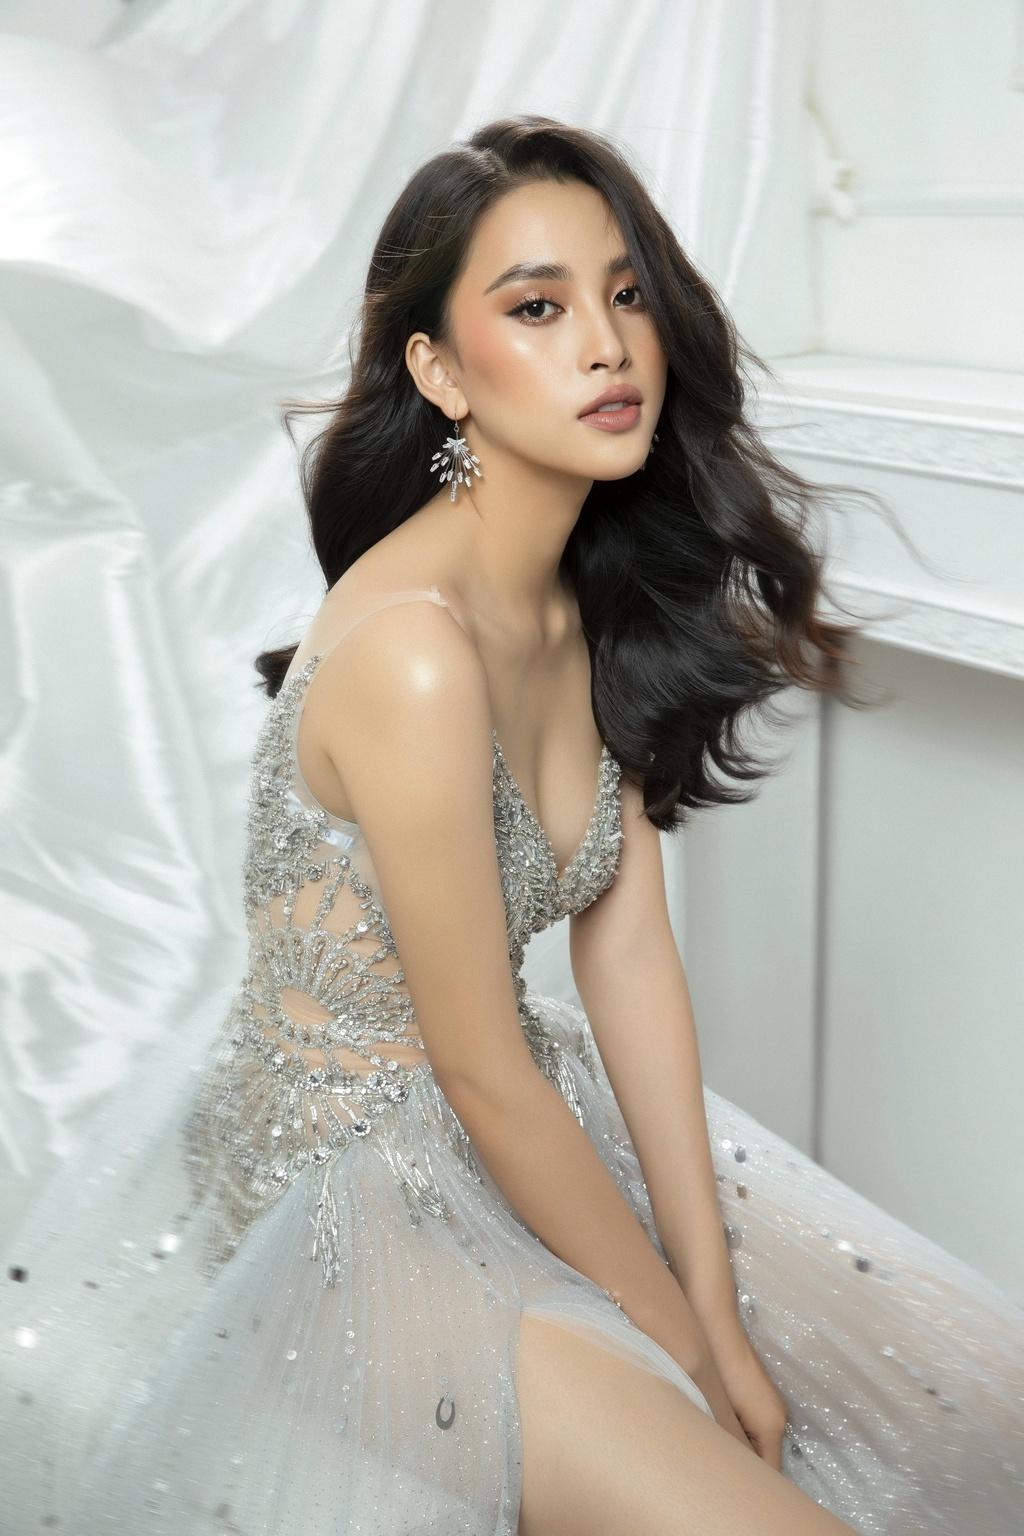 Vẻ nóng bỏng của Tiểu Vy, Đỗ Mỹ Linh... khi được đề cử thi Miss Grand International - ảnh 3